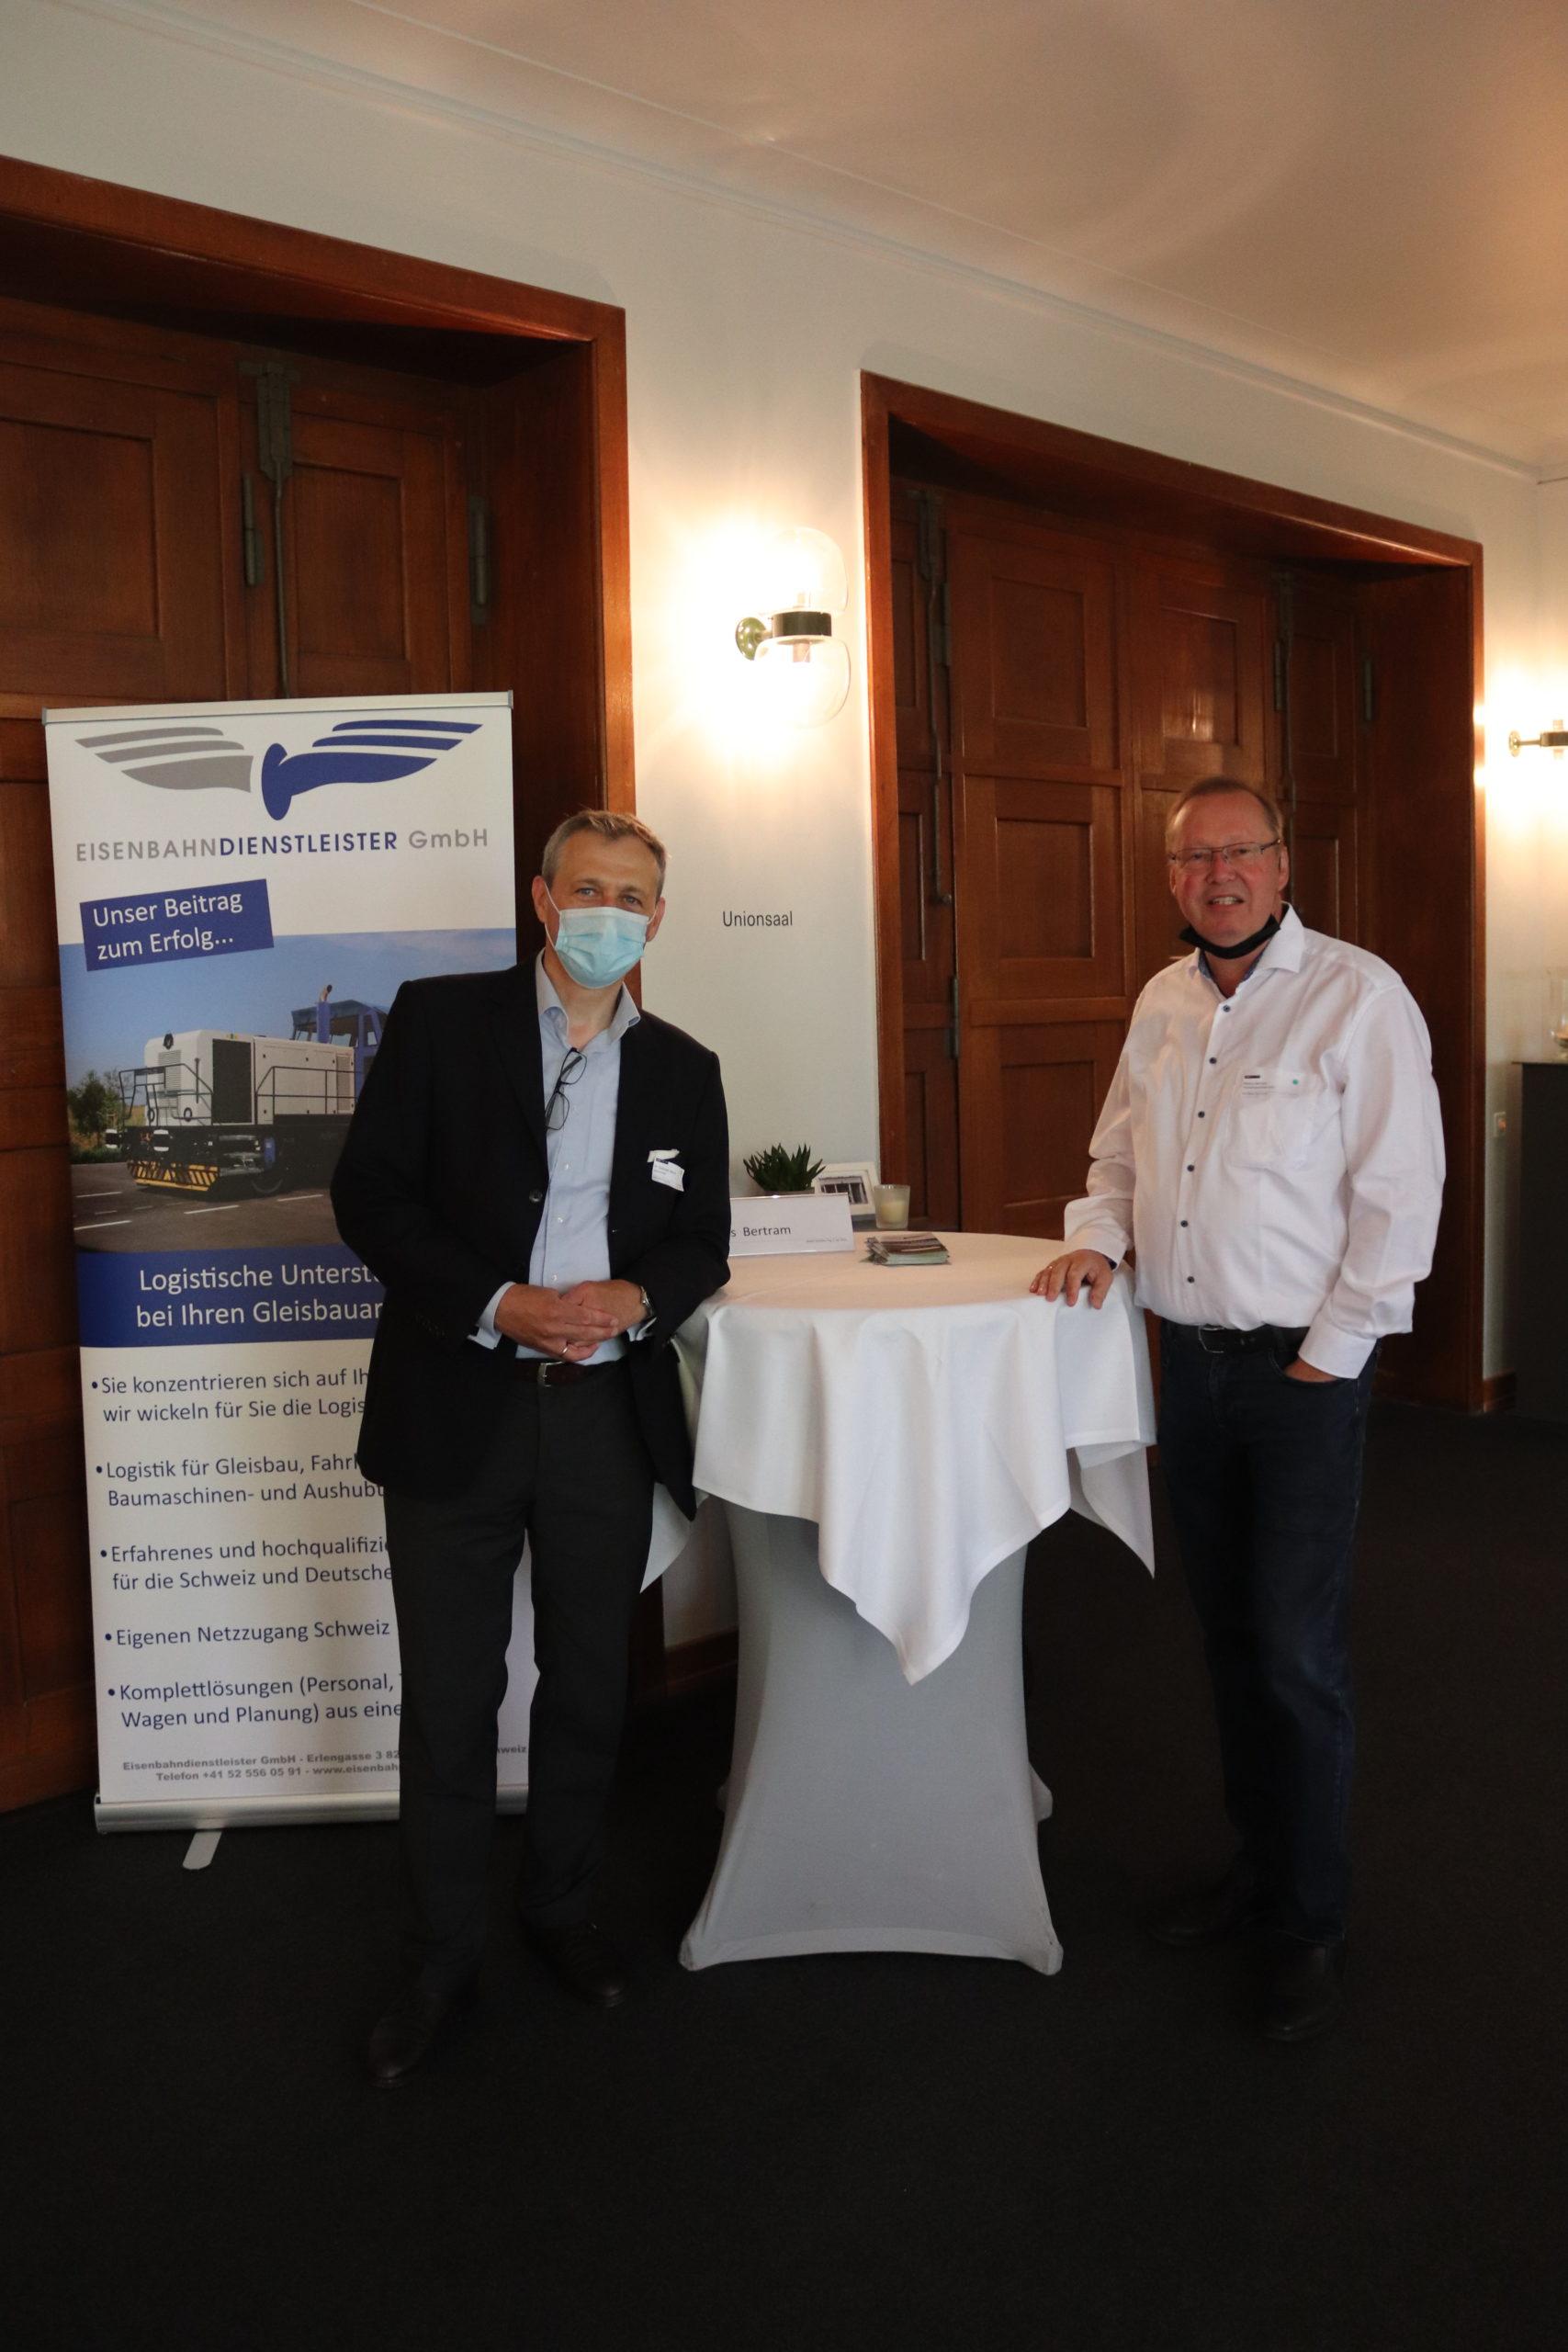 Markus Bertram von der EDG, Thayngen